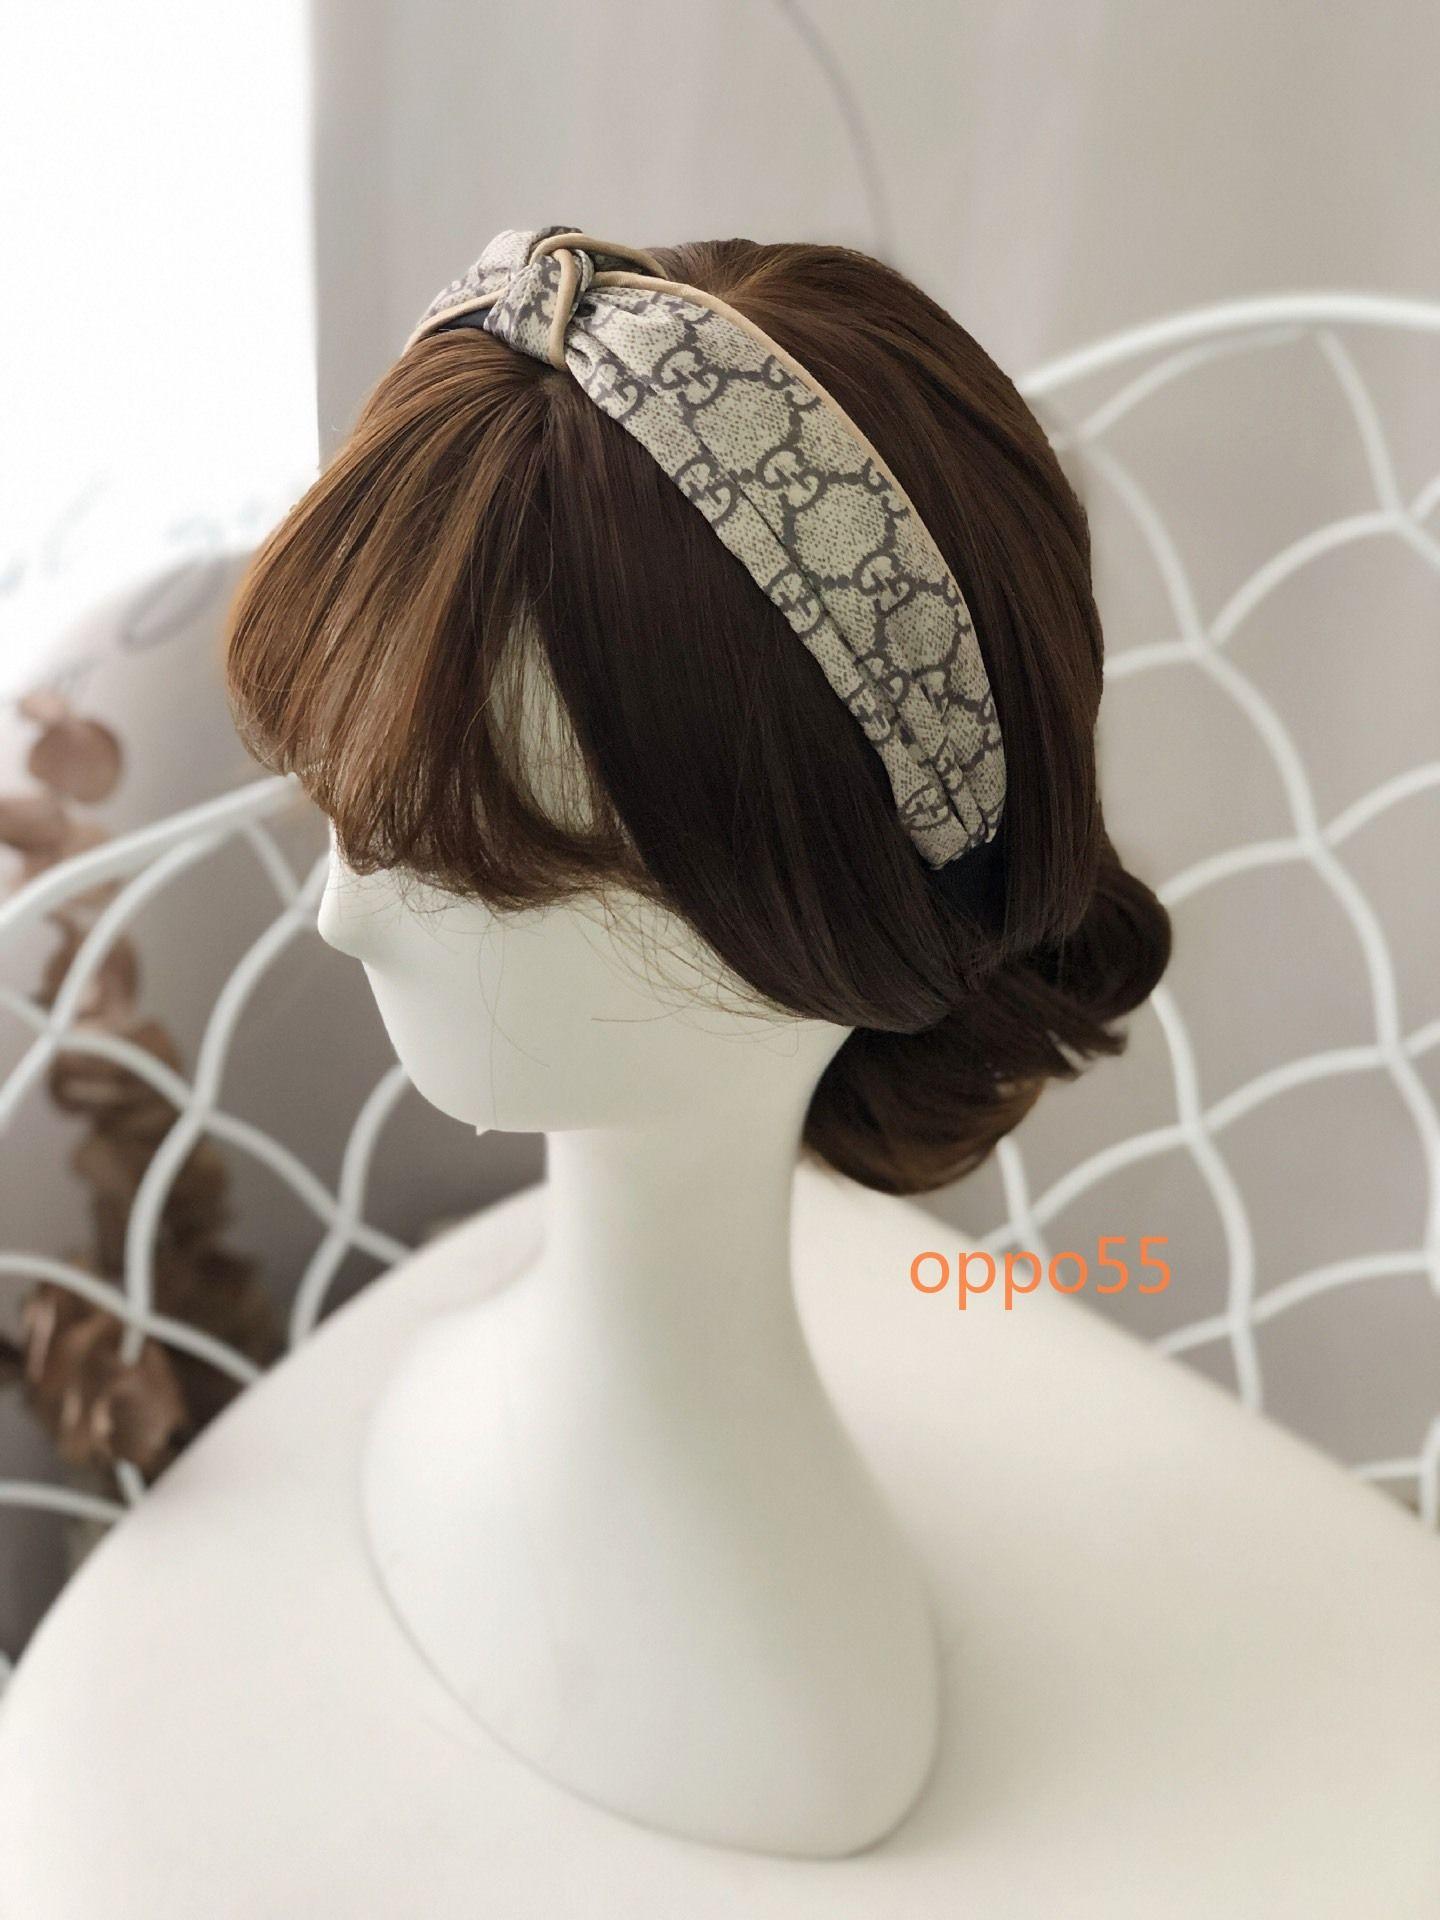 2020 die beliebtesten hochwertigen Damen Brief headwear Mode-Accessoires Marke top-Stil Geschenke F005